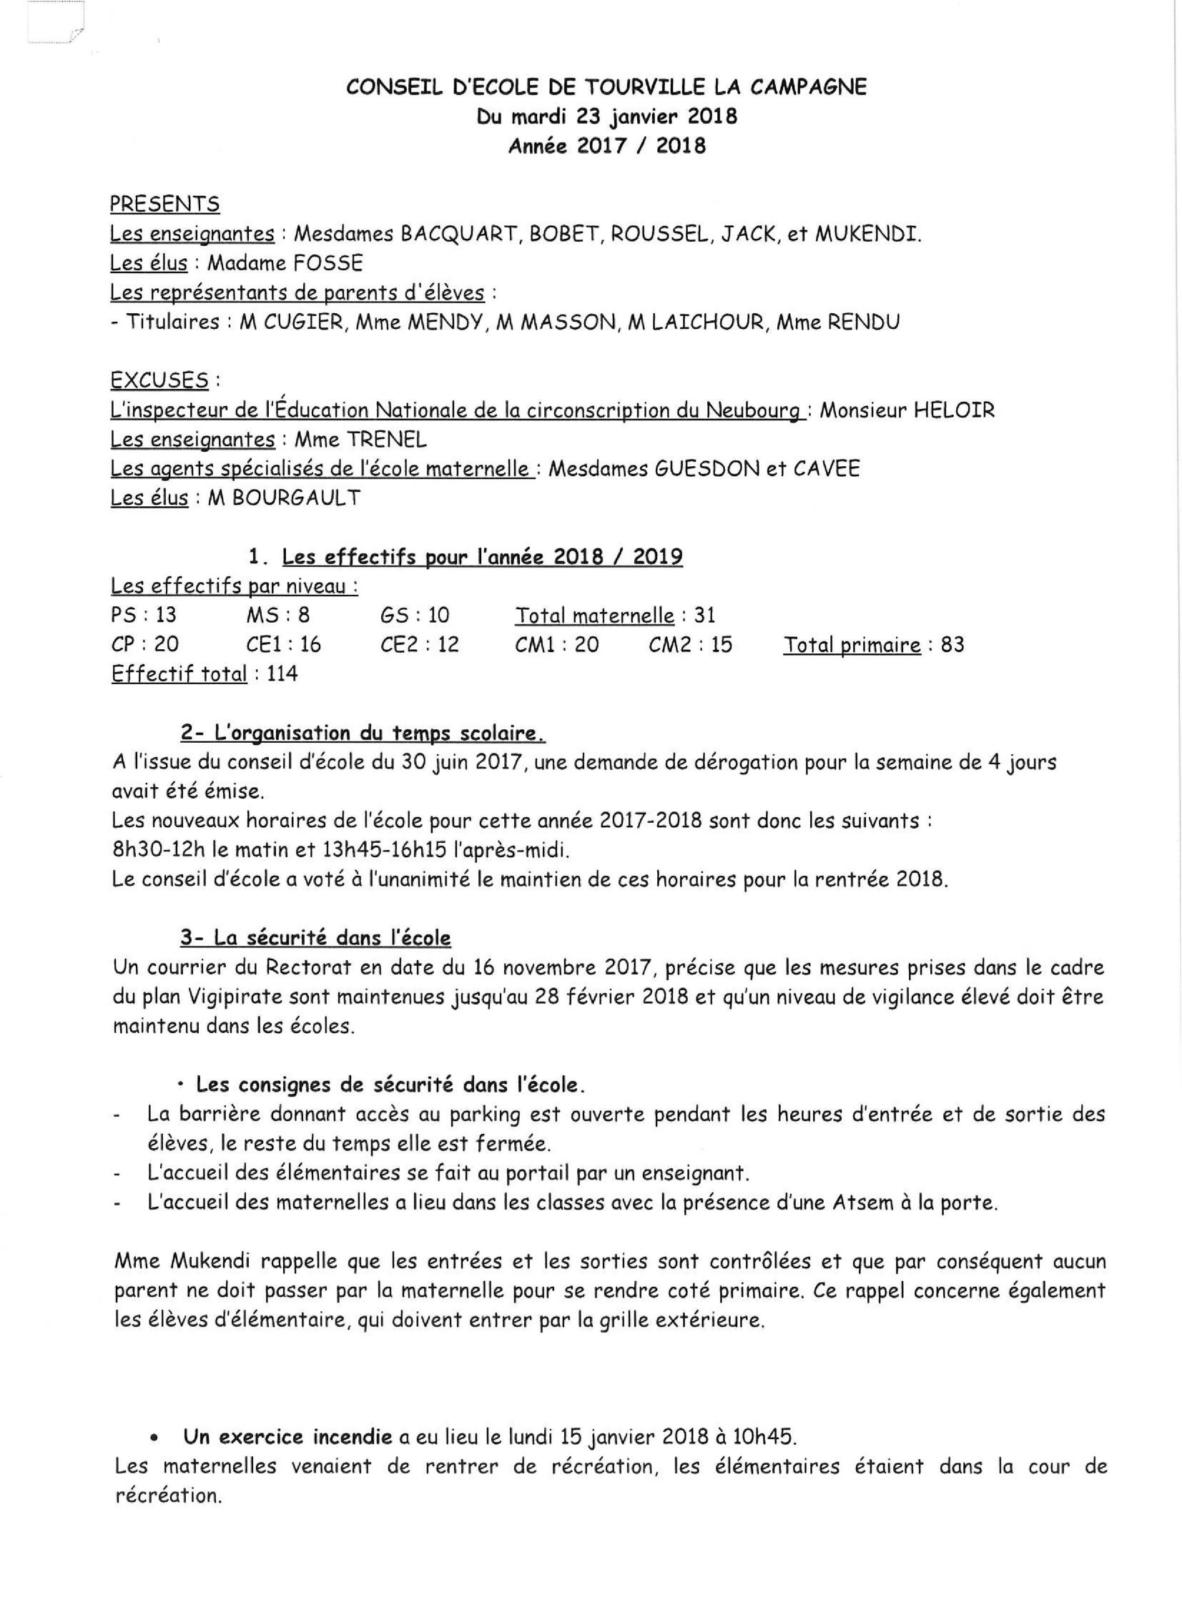 CONSEIL D ECOLE DE TOUVILLE LA CAMPAGNE 23 JANVIER-1